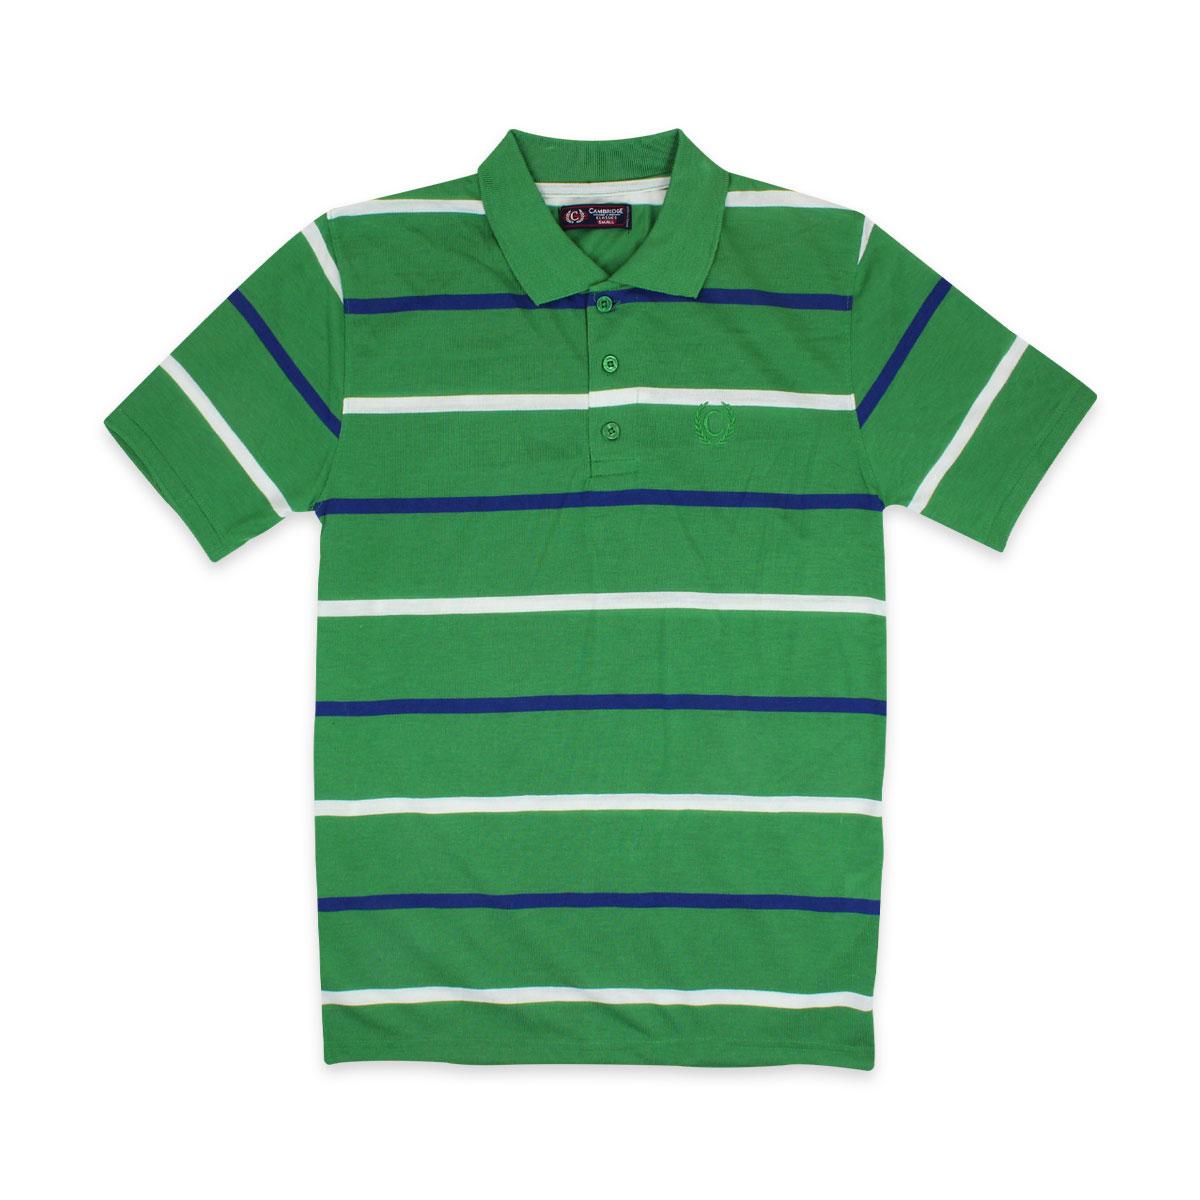 Camisas-Polo-Para-Hombre-A-Rayas-Pique-Con-Cuello-camiseta-Camiseta-Manga-Corta-De-Verano-S-M-L-XL miniatura 20